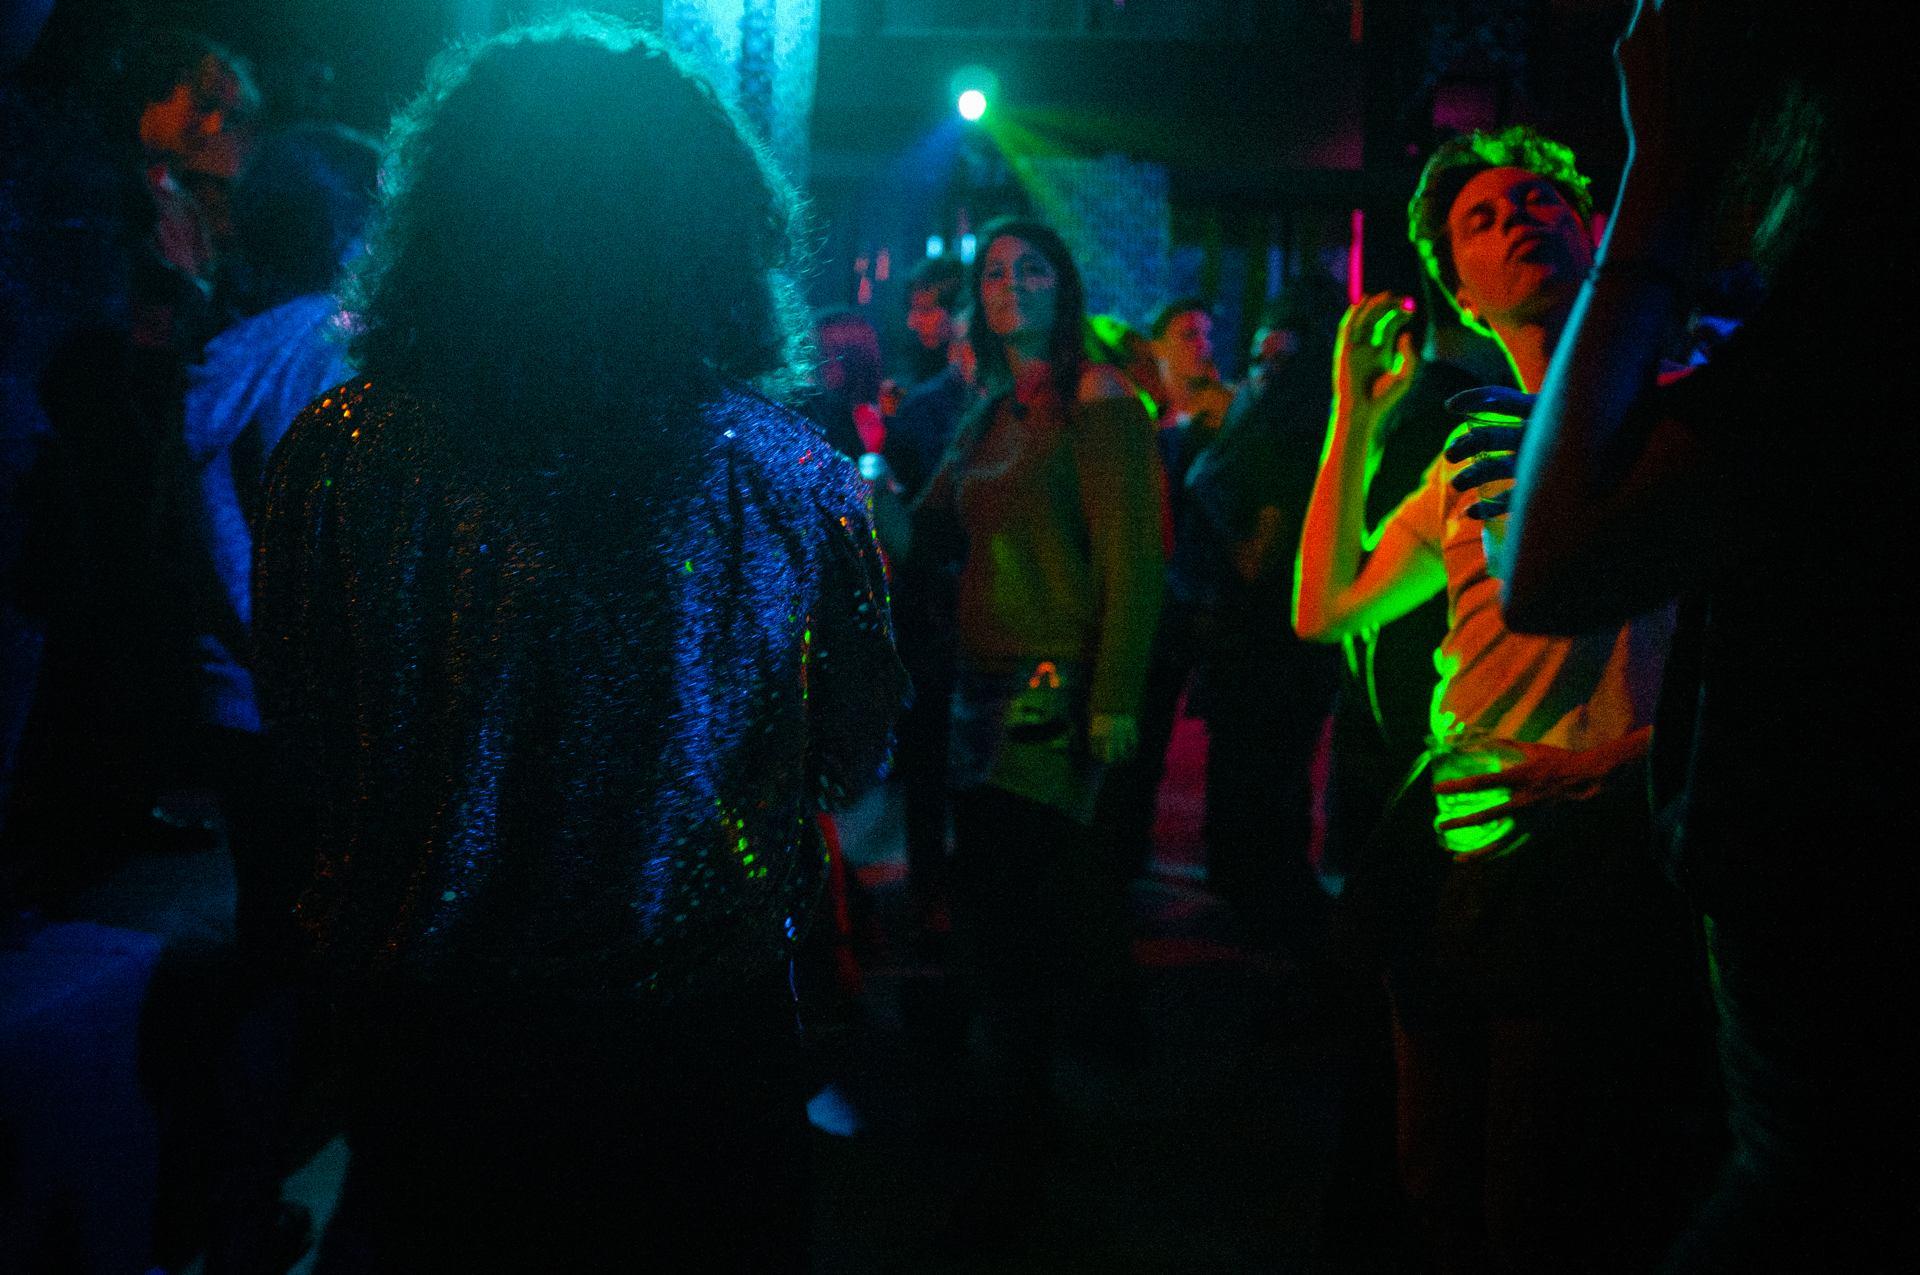 Dancefloor, Angoulême, 2019